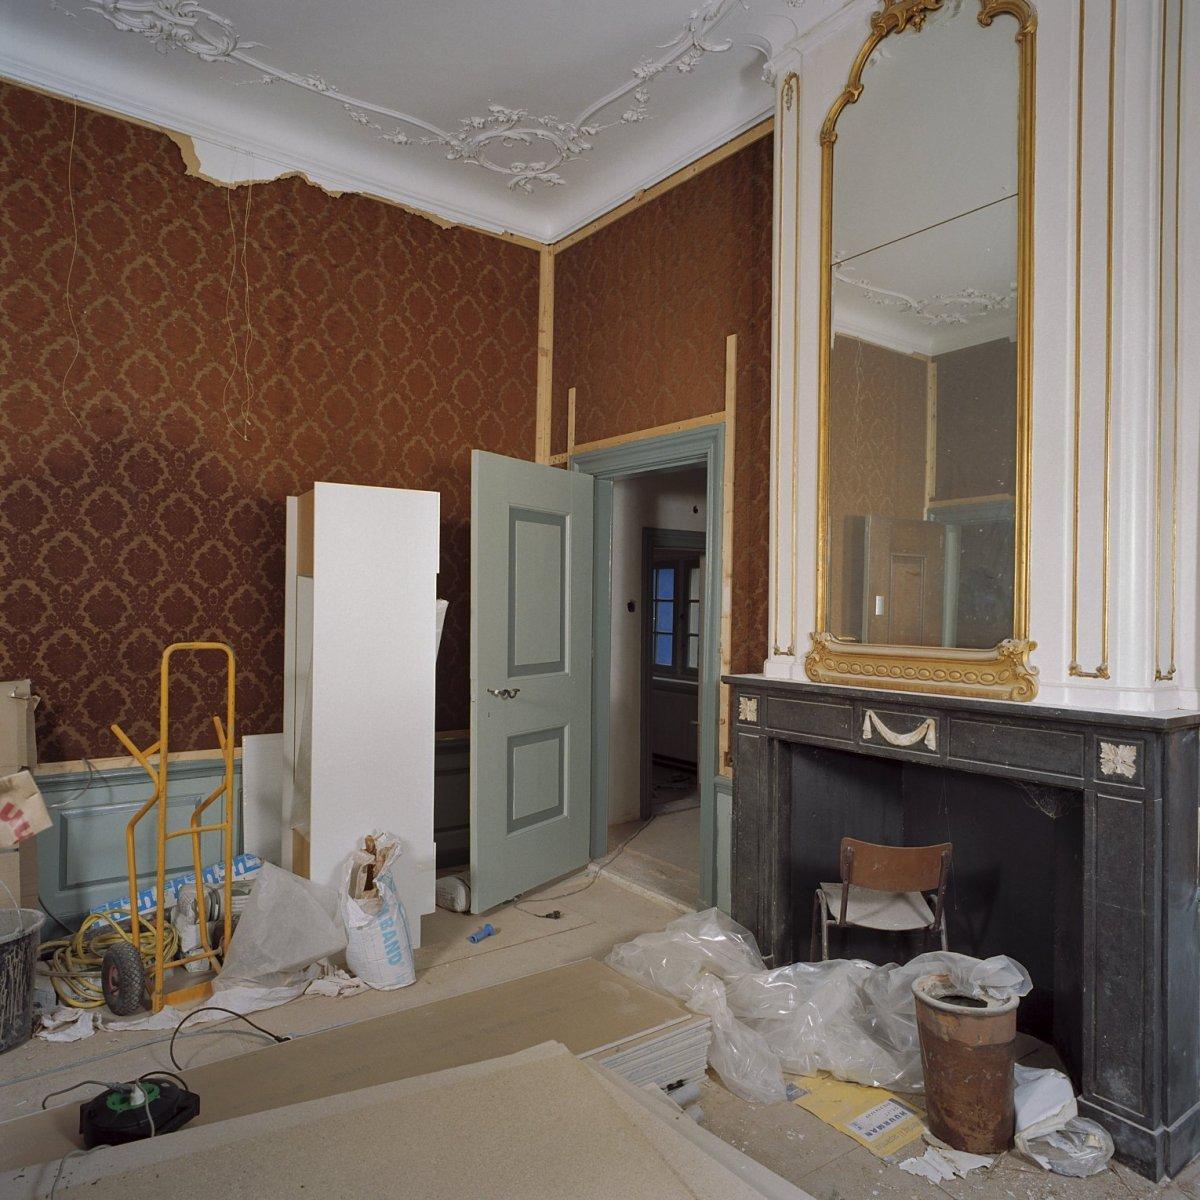 File interieur kamer op begane grond met deur en schouw for Kamer interieur